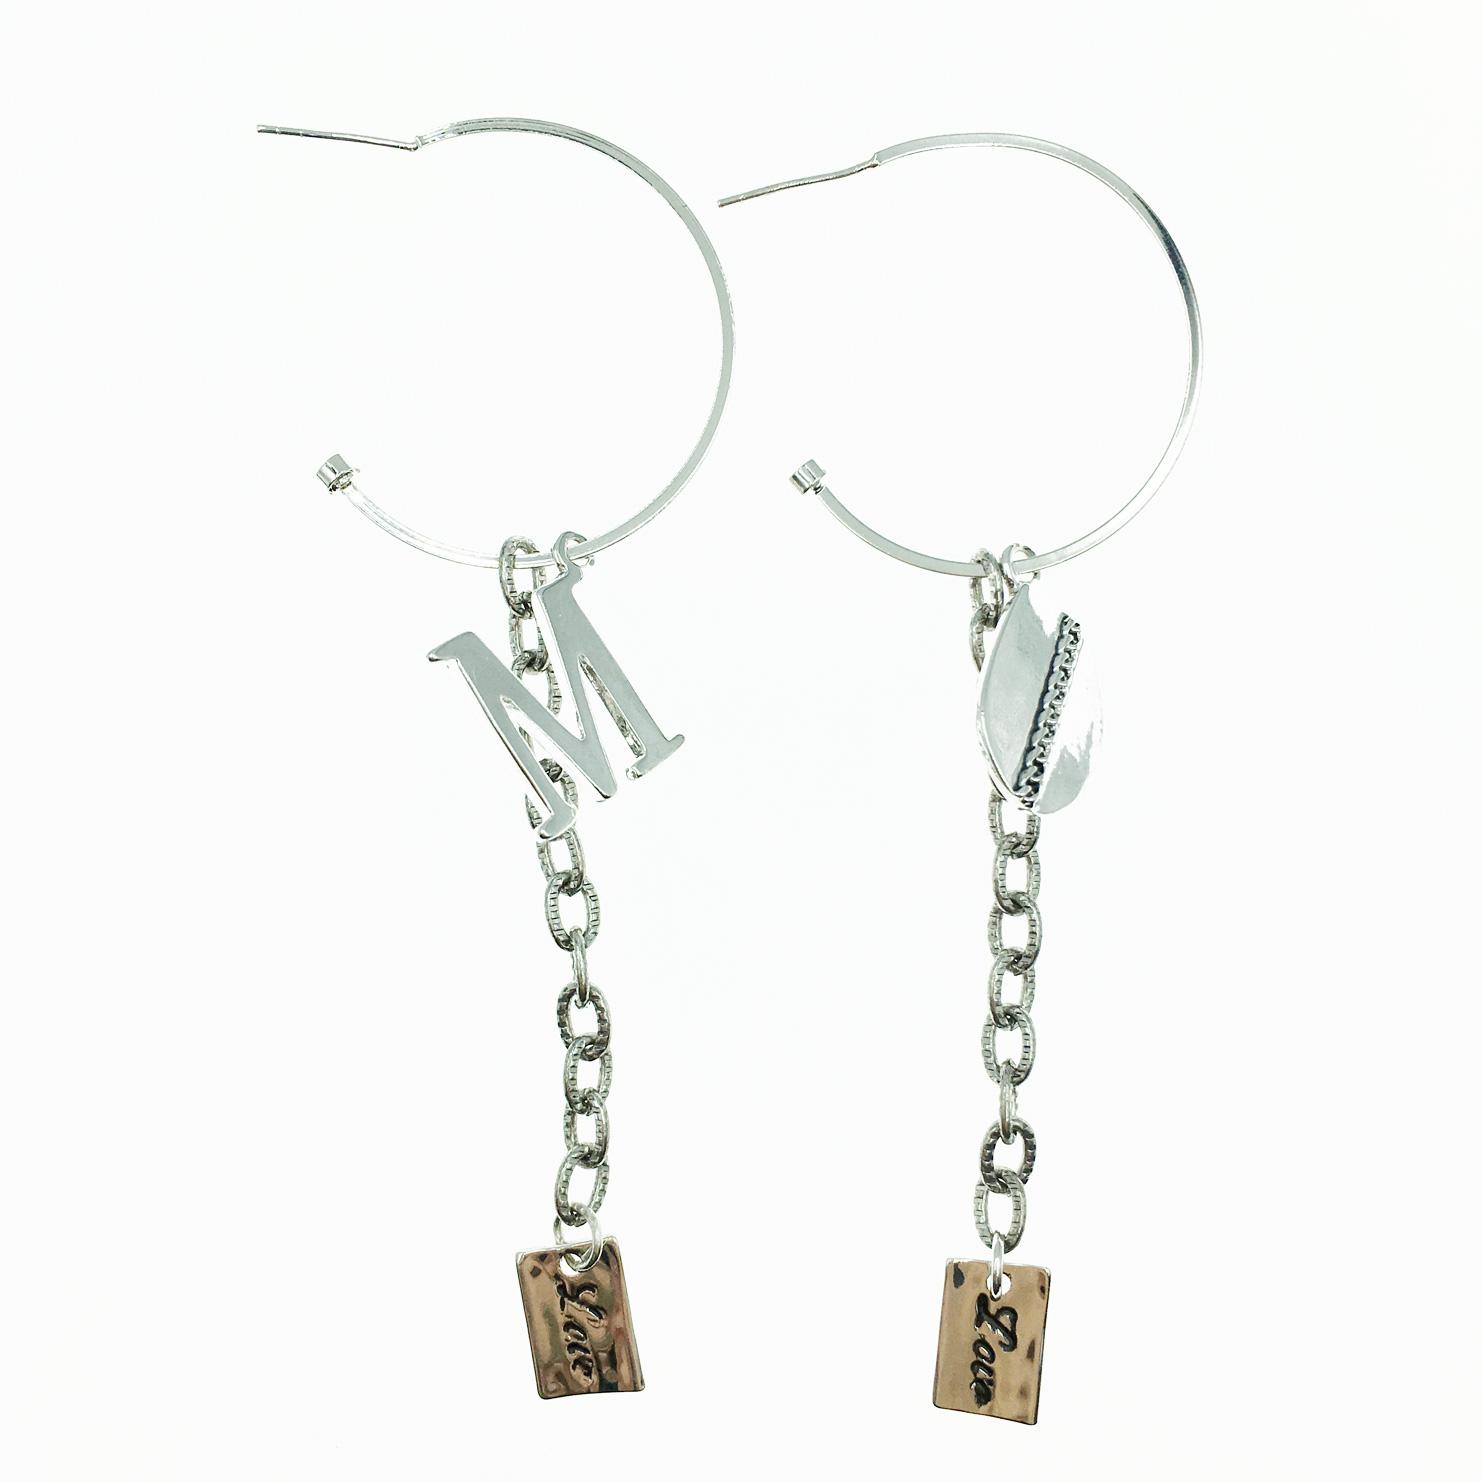 韓國 925純銀 英文字母吊牌 M 歐美金屬風 垂墜感 耳針式耳環